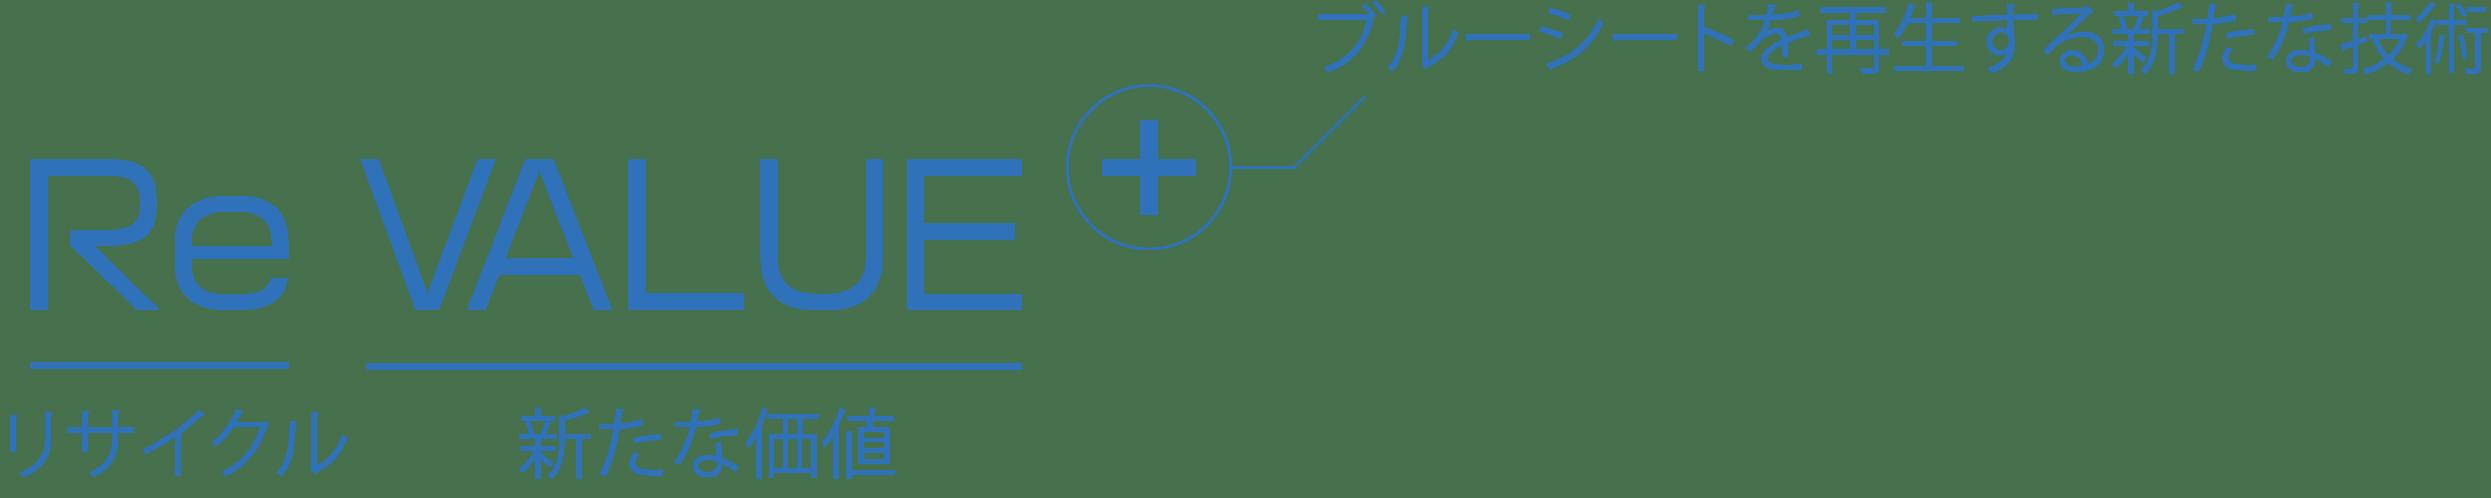 画像:Revalue+の製造工程を表す図形